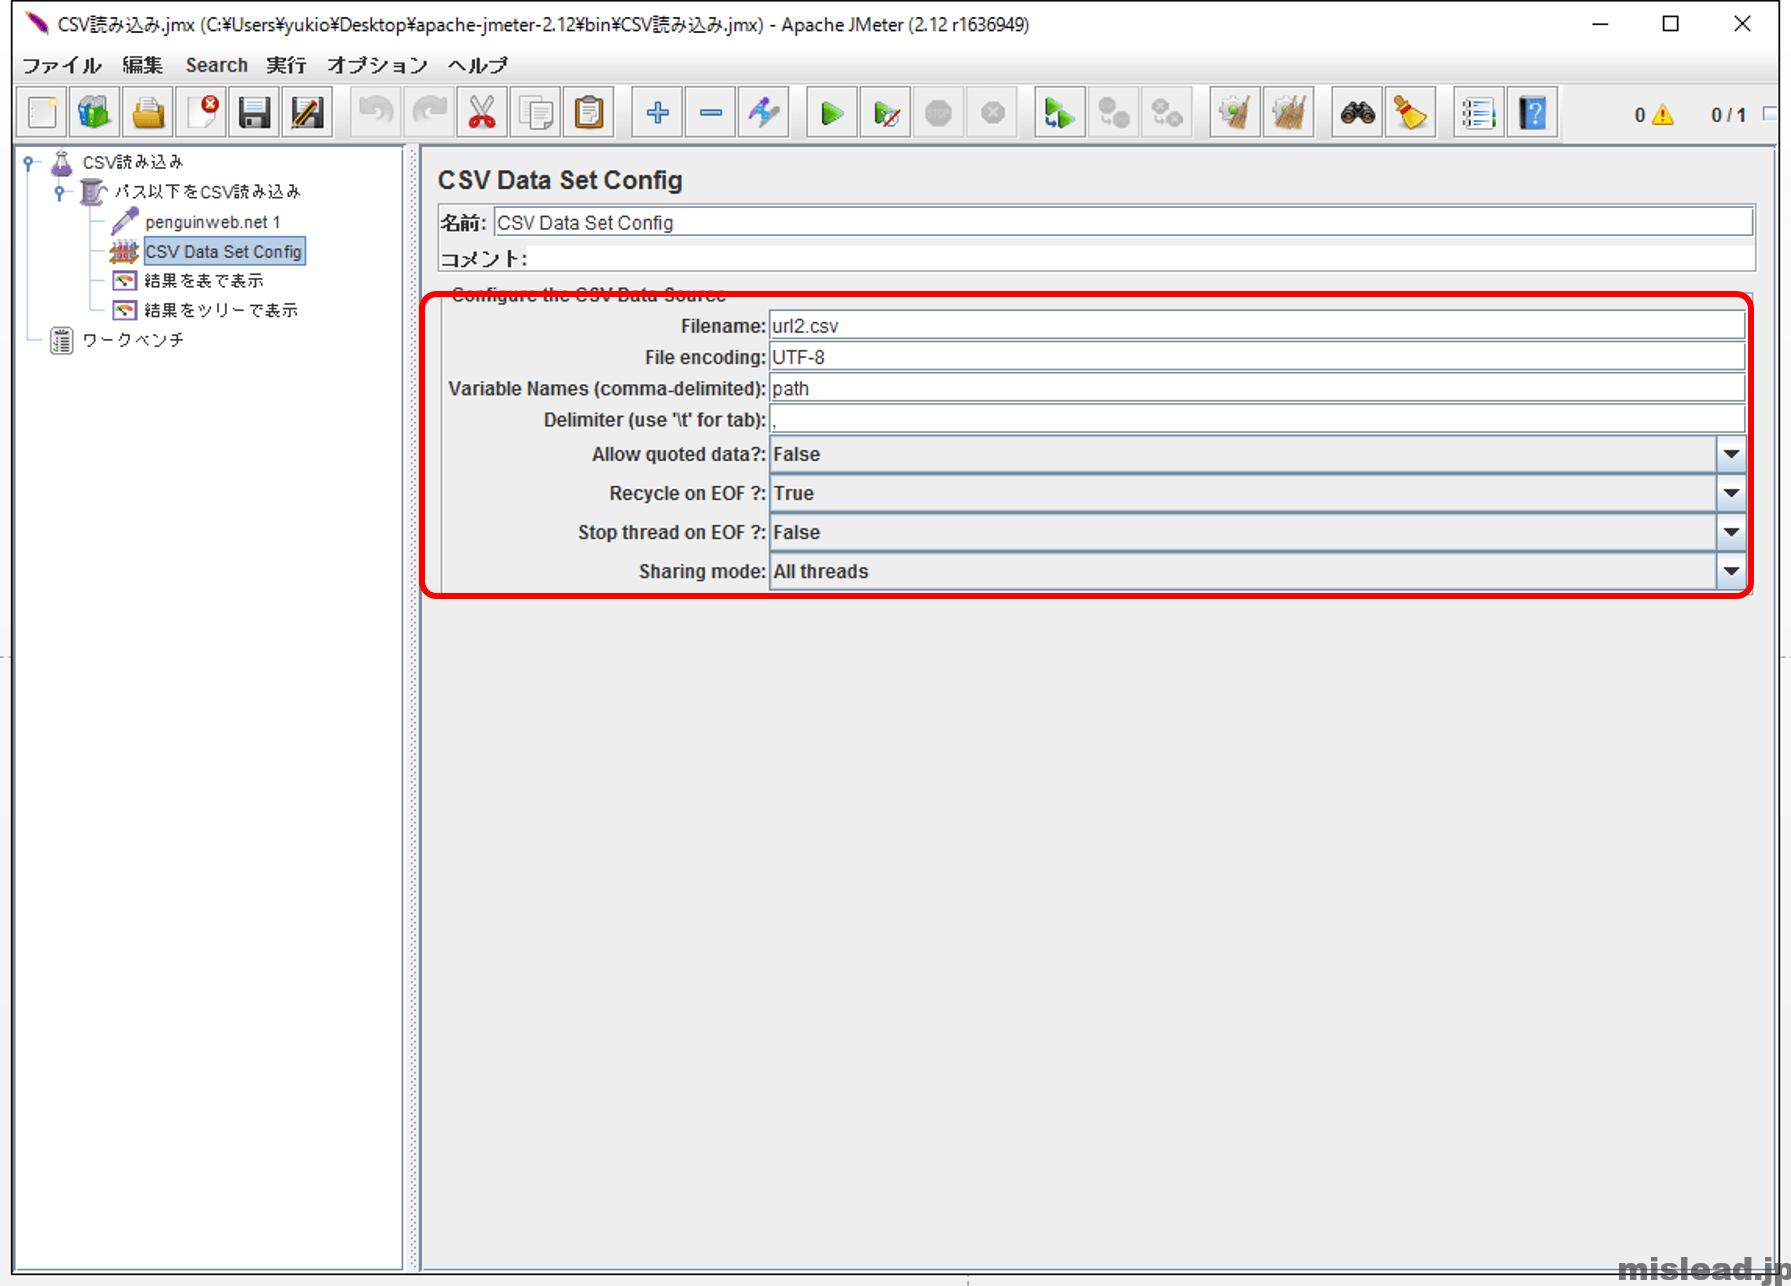 JMeter CSV DATA Set Config 設定項目の説明